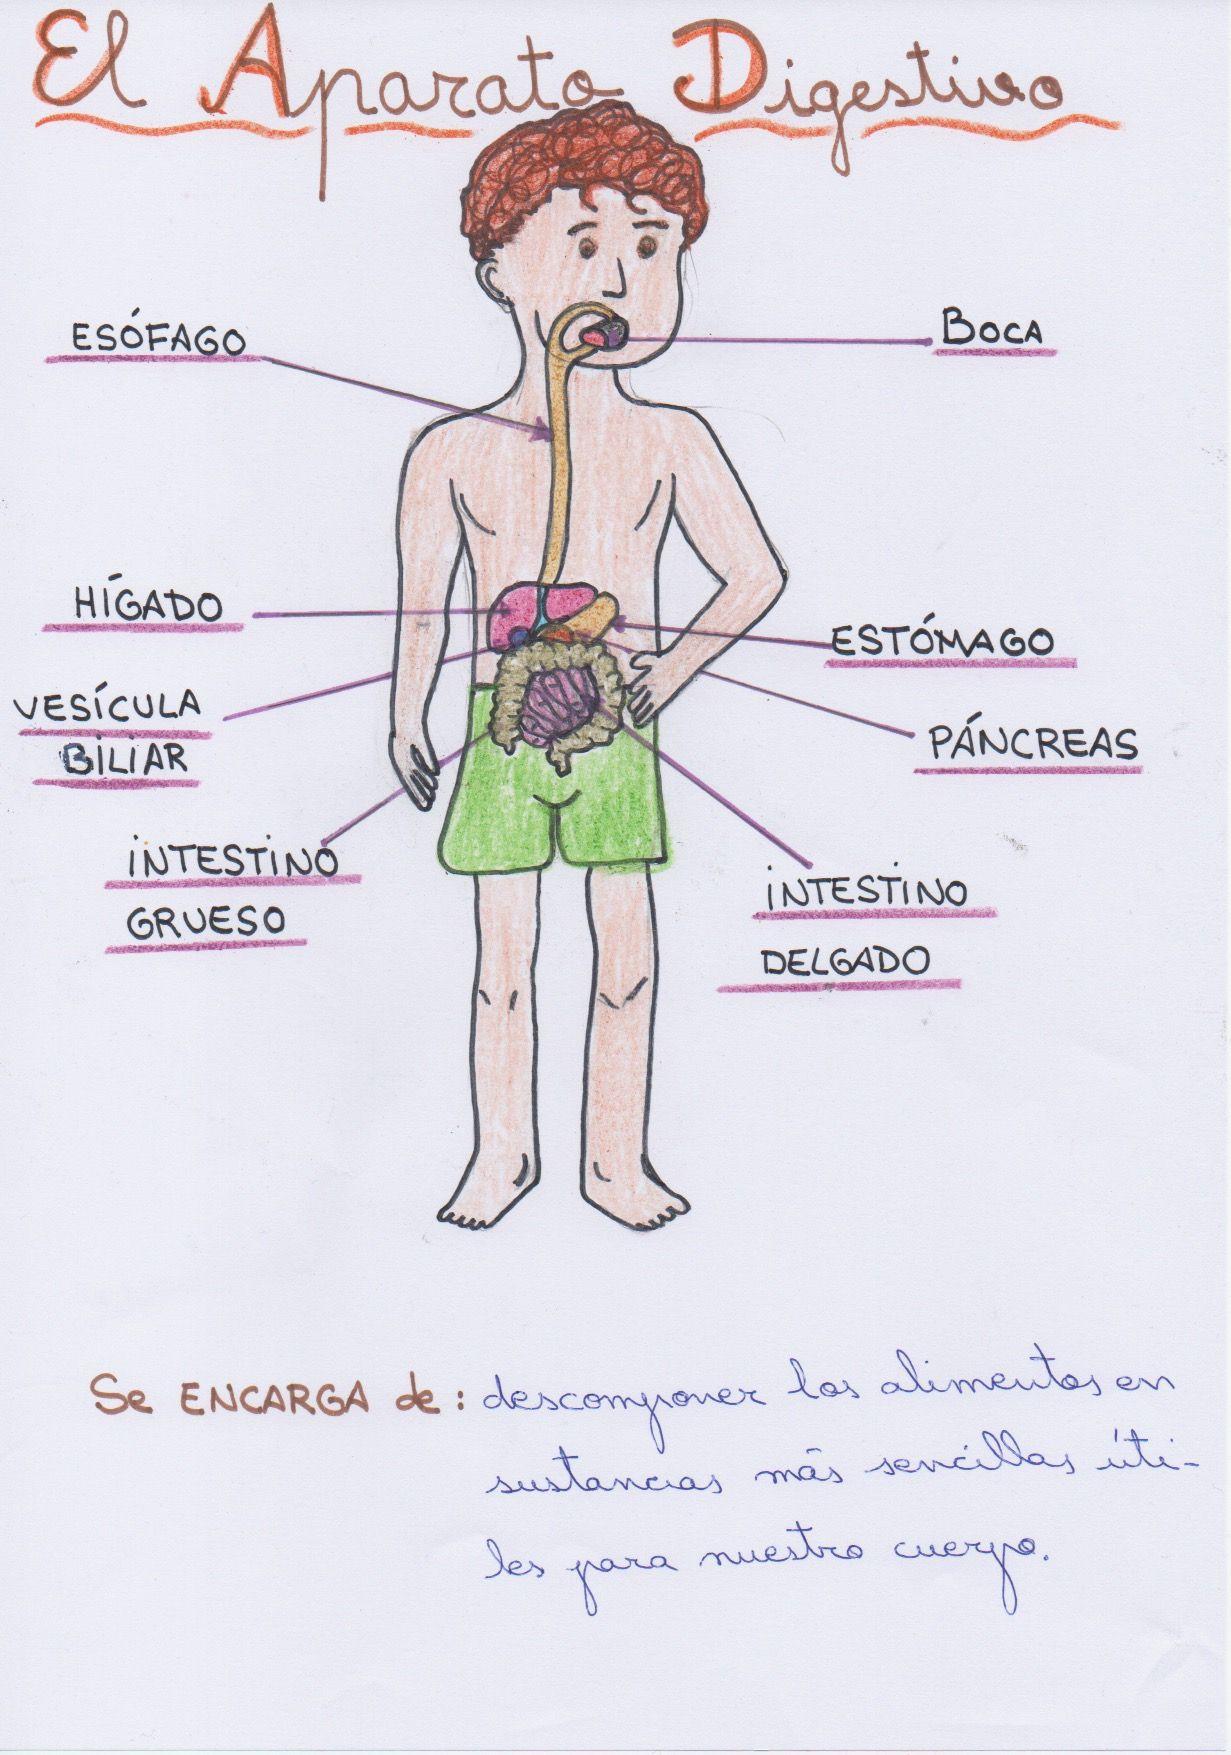 El aparato digestivo y sus principales órganos para 3º de